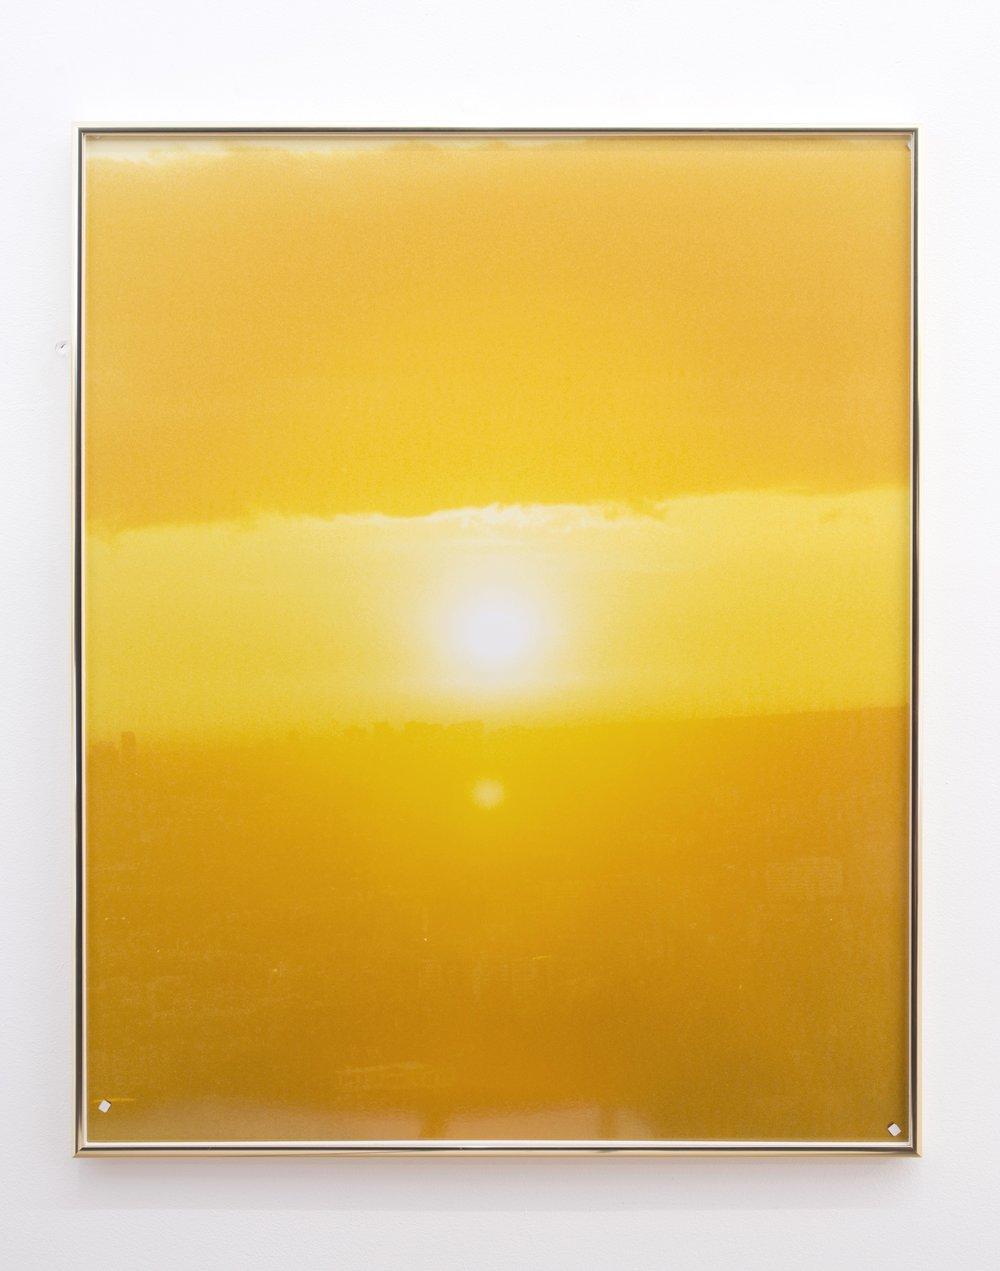 Sébastien Reuzé,  SOLEIL DSC_4414 (2017) ,2017, RC print - Papier Fuji Cristal Archive, 51 x 61 cm with frame